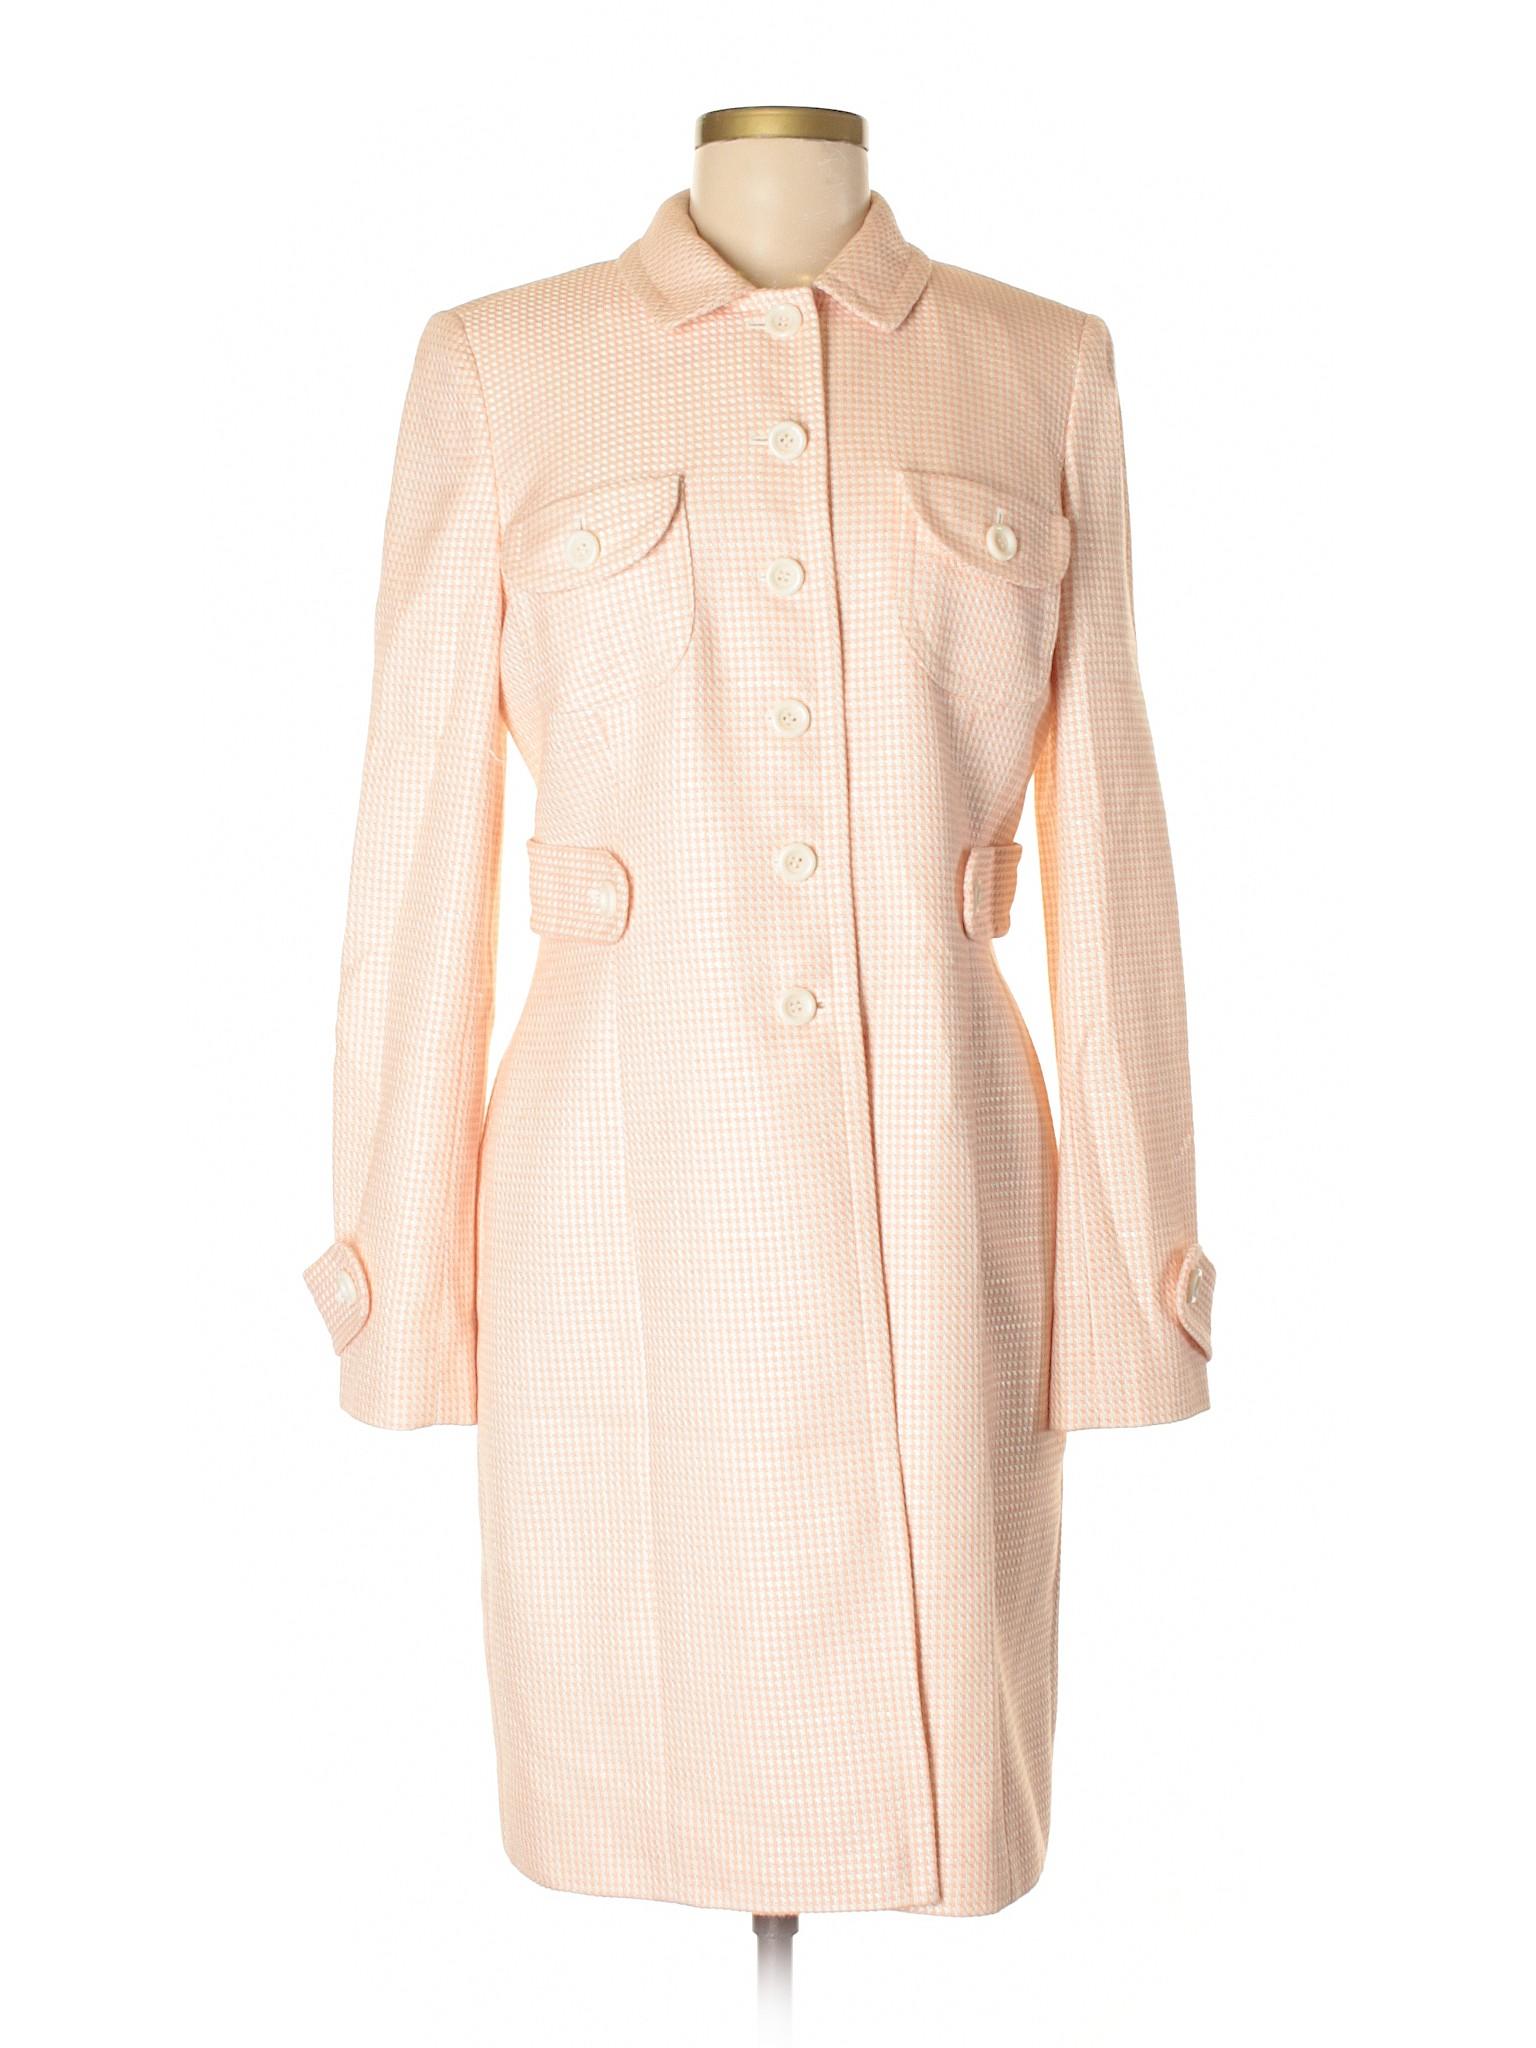 Jacket LOFT Boutique leisure Ann Taylor pC7Uq